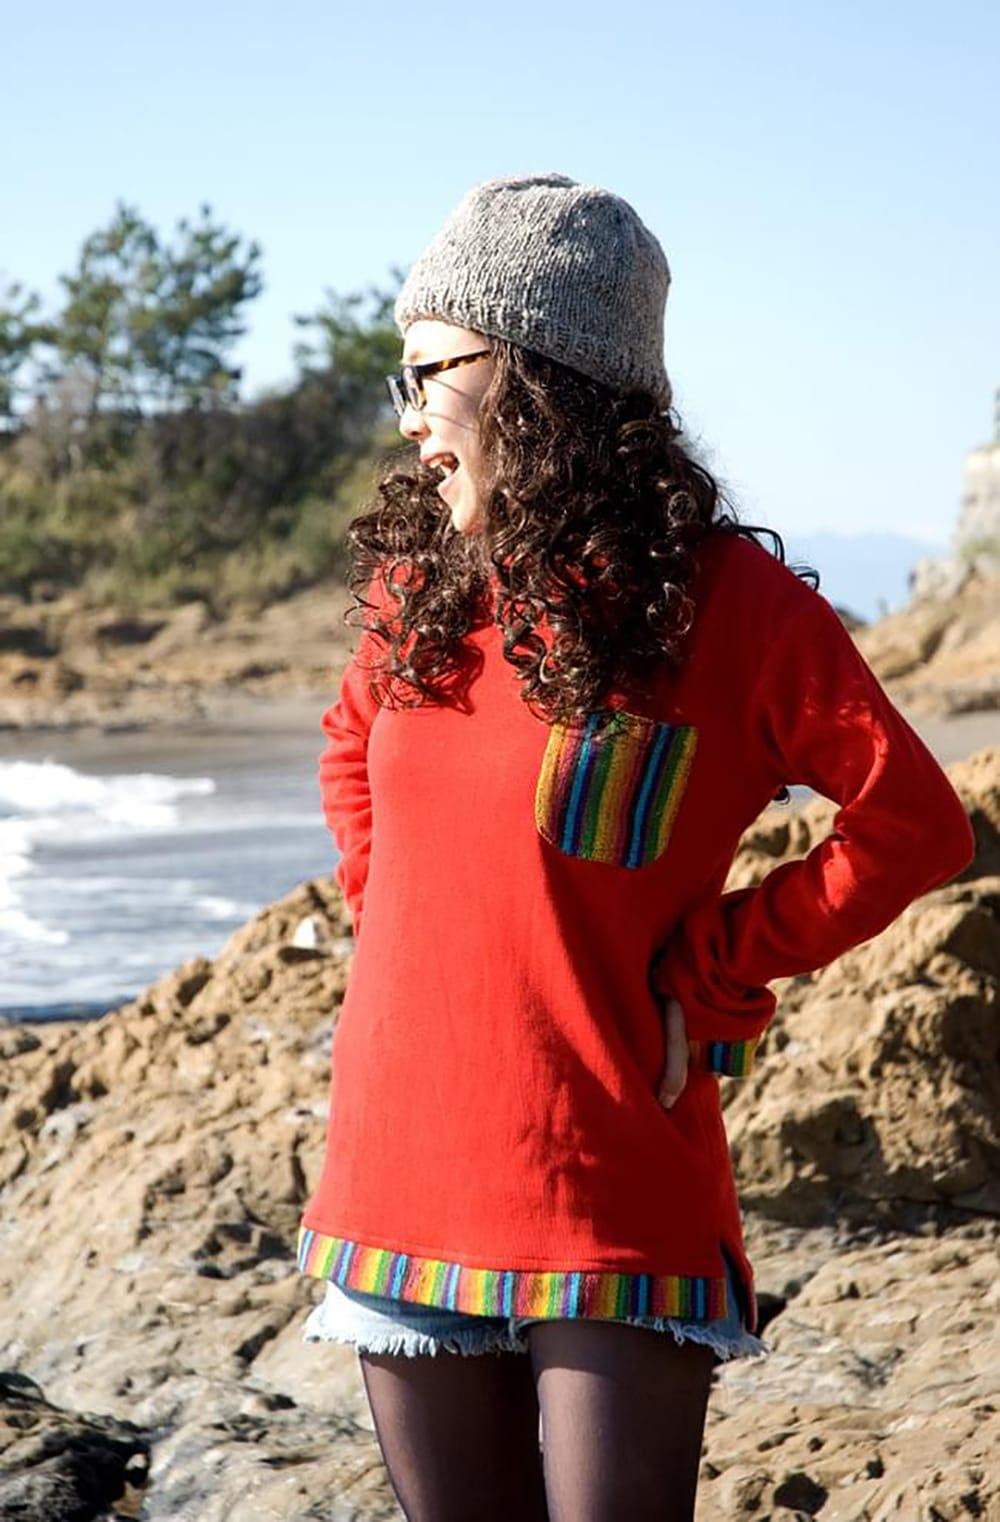 ゲリポケットの長袖コットンリブTシャツ 6 - レッドの着用例です。